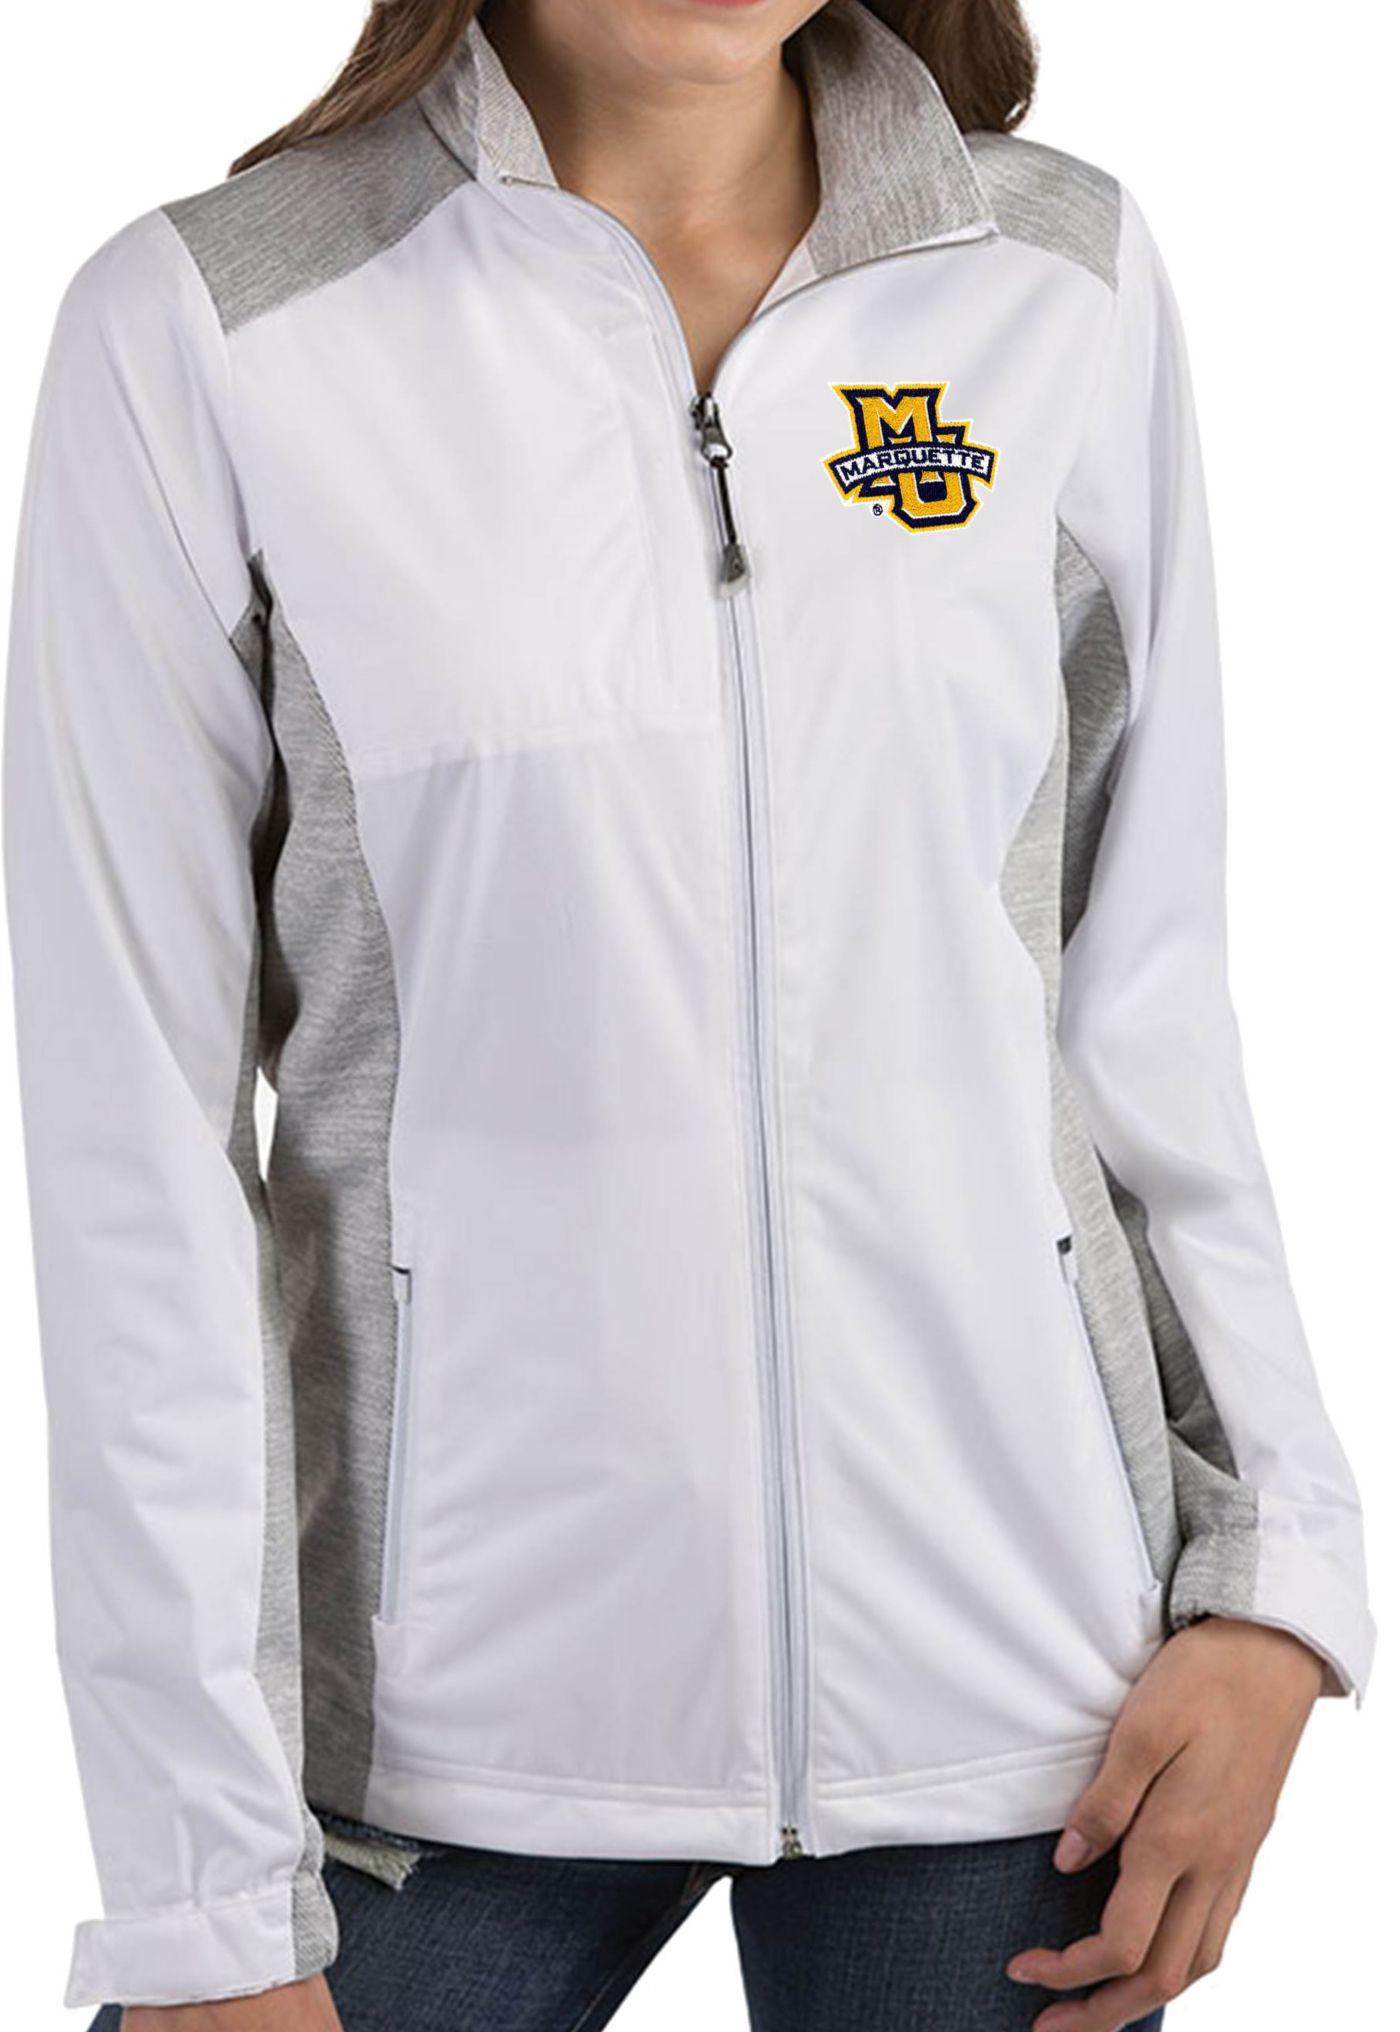 Antigua Women's Marquette Golden Eagles Revolve Full-Zip White Jacket